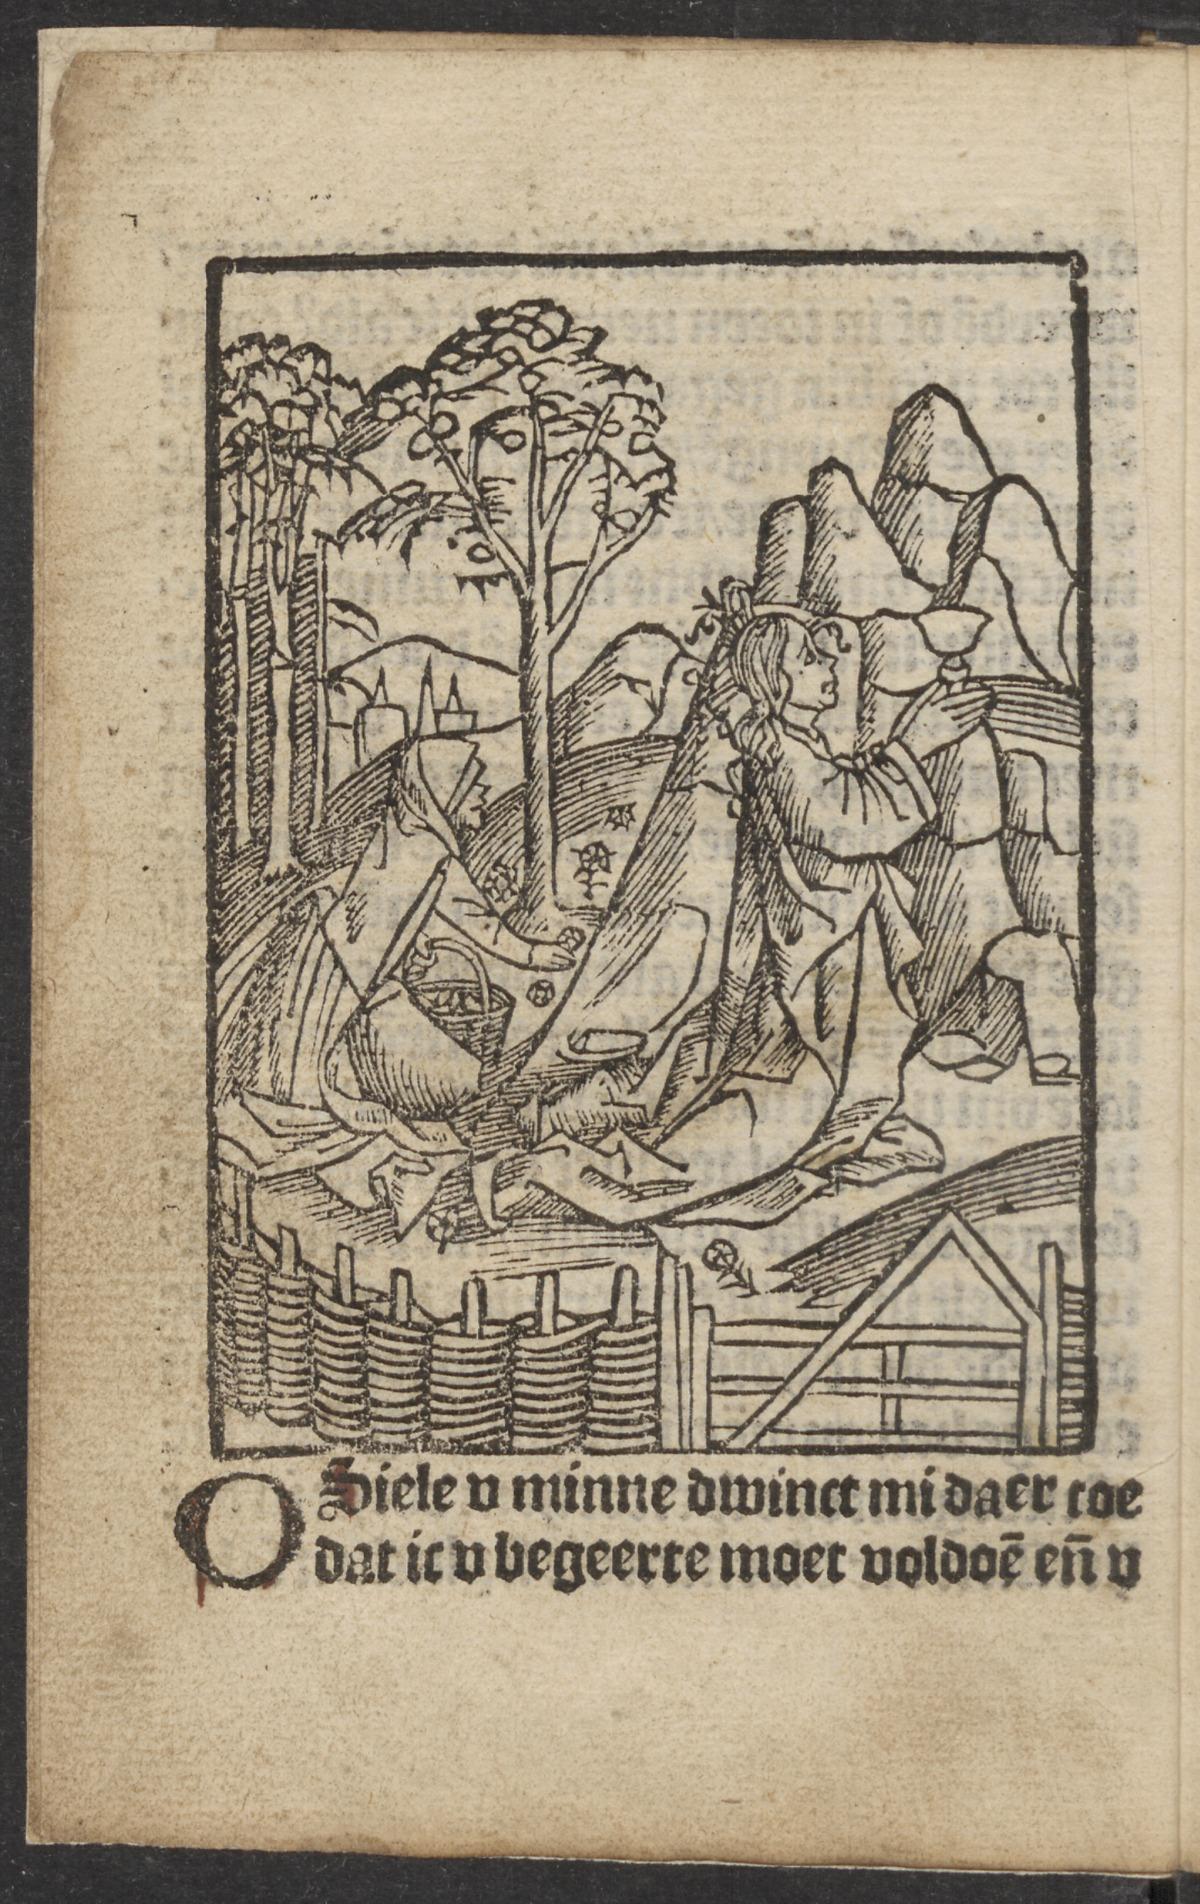 le Christ et l'ame dans le jardin de Gethsemani 1521. Utrecht University page 10